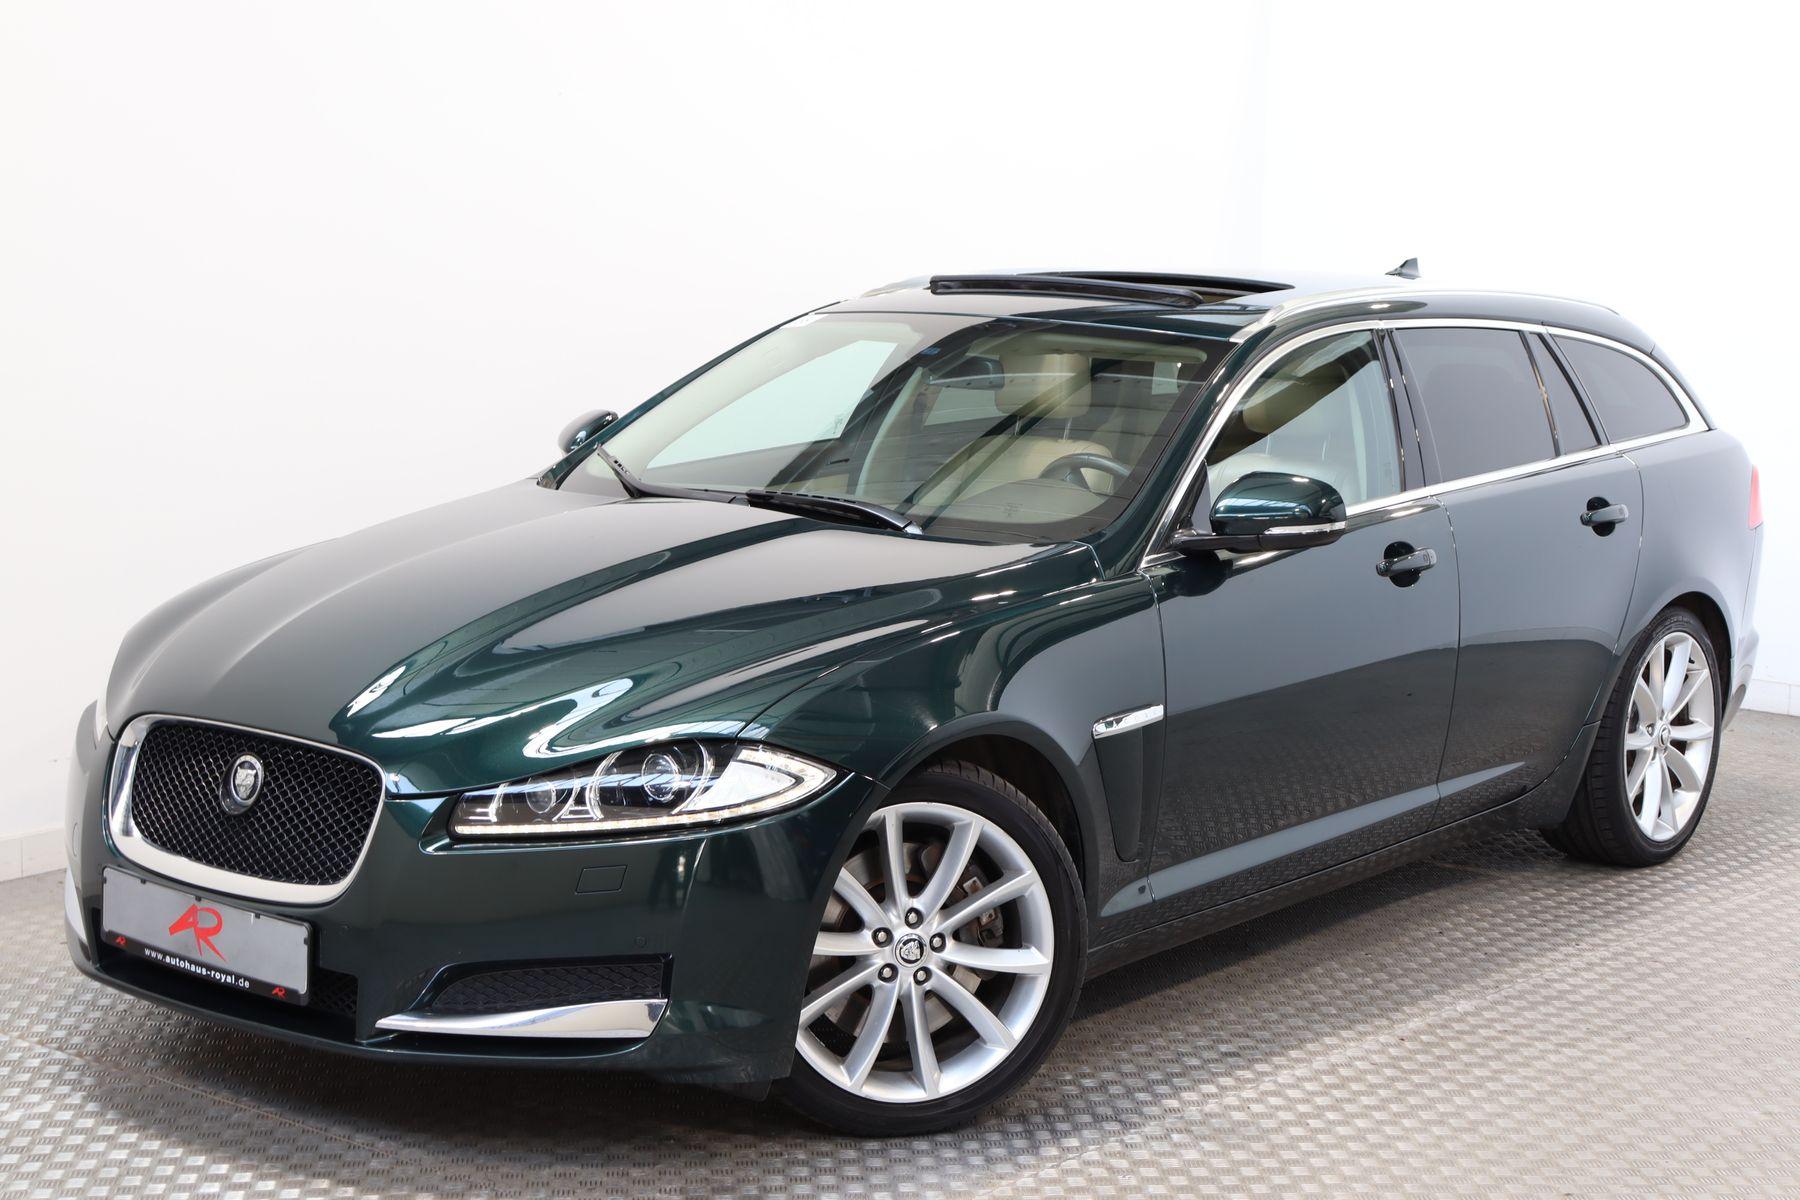 Jaguar XF SPORTBRAKE 3.0 V6 Diesel S ACC,MERIDIAN,19Z., Jahr 2014, Diesel